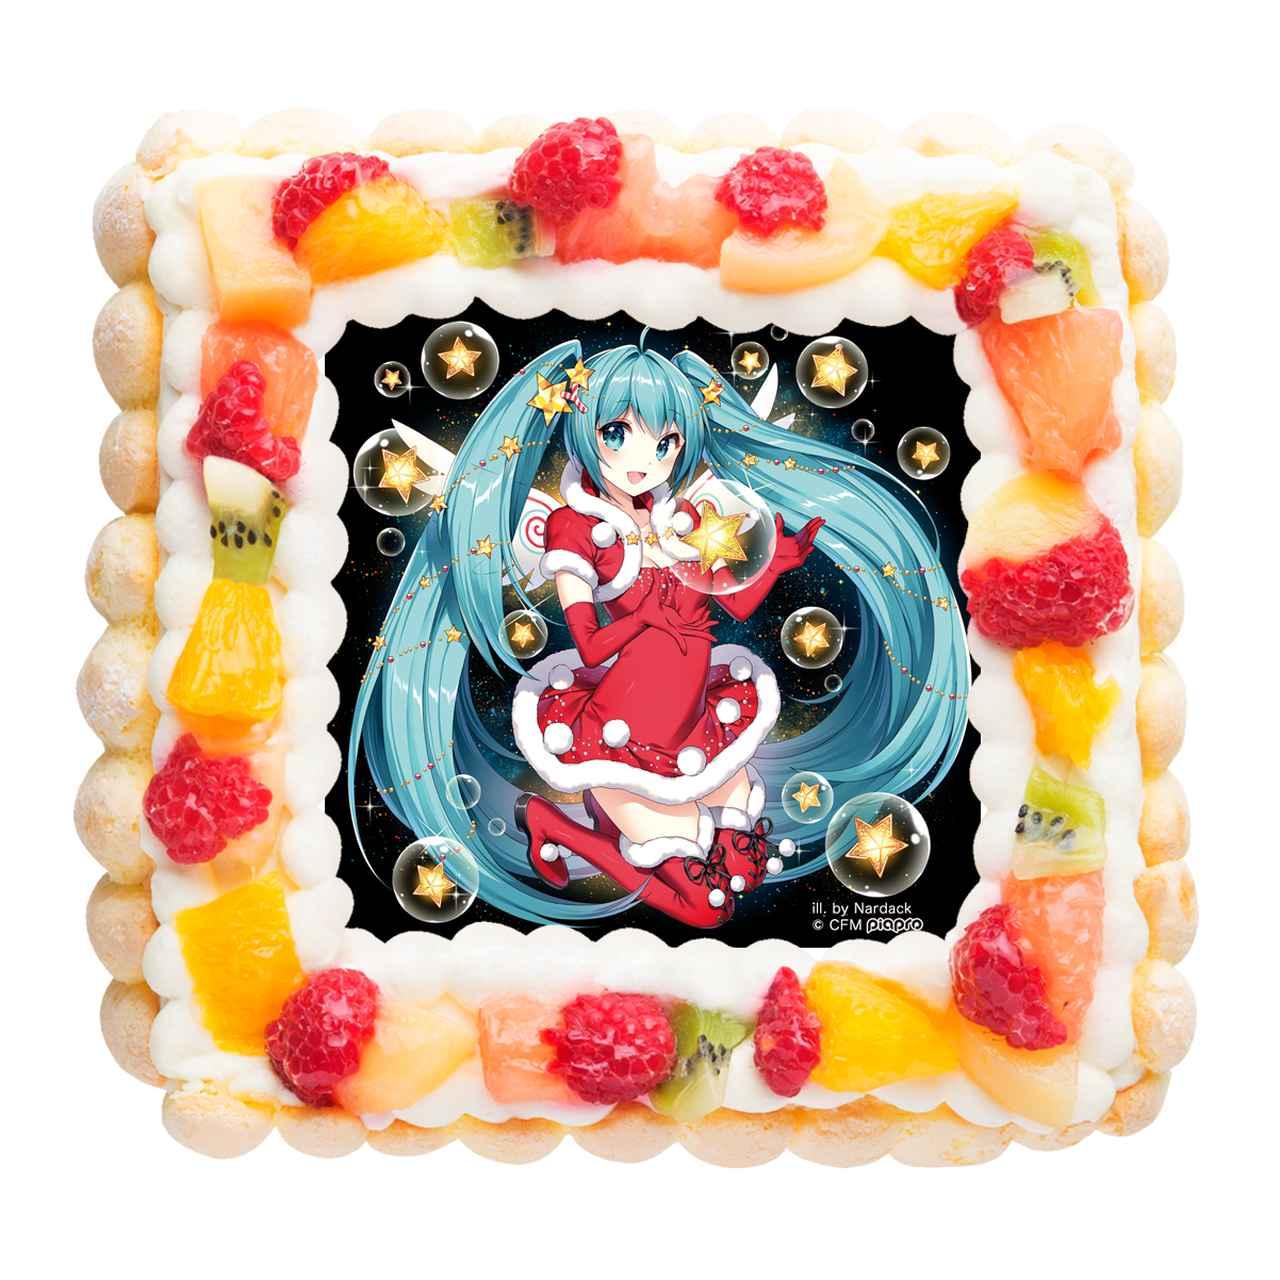 画像1: 「初音ミク」のクリスマスデザインケーキ